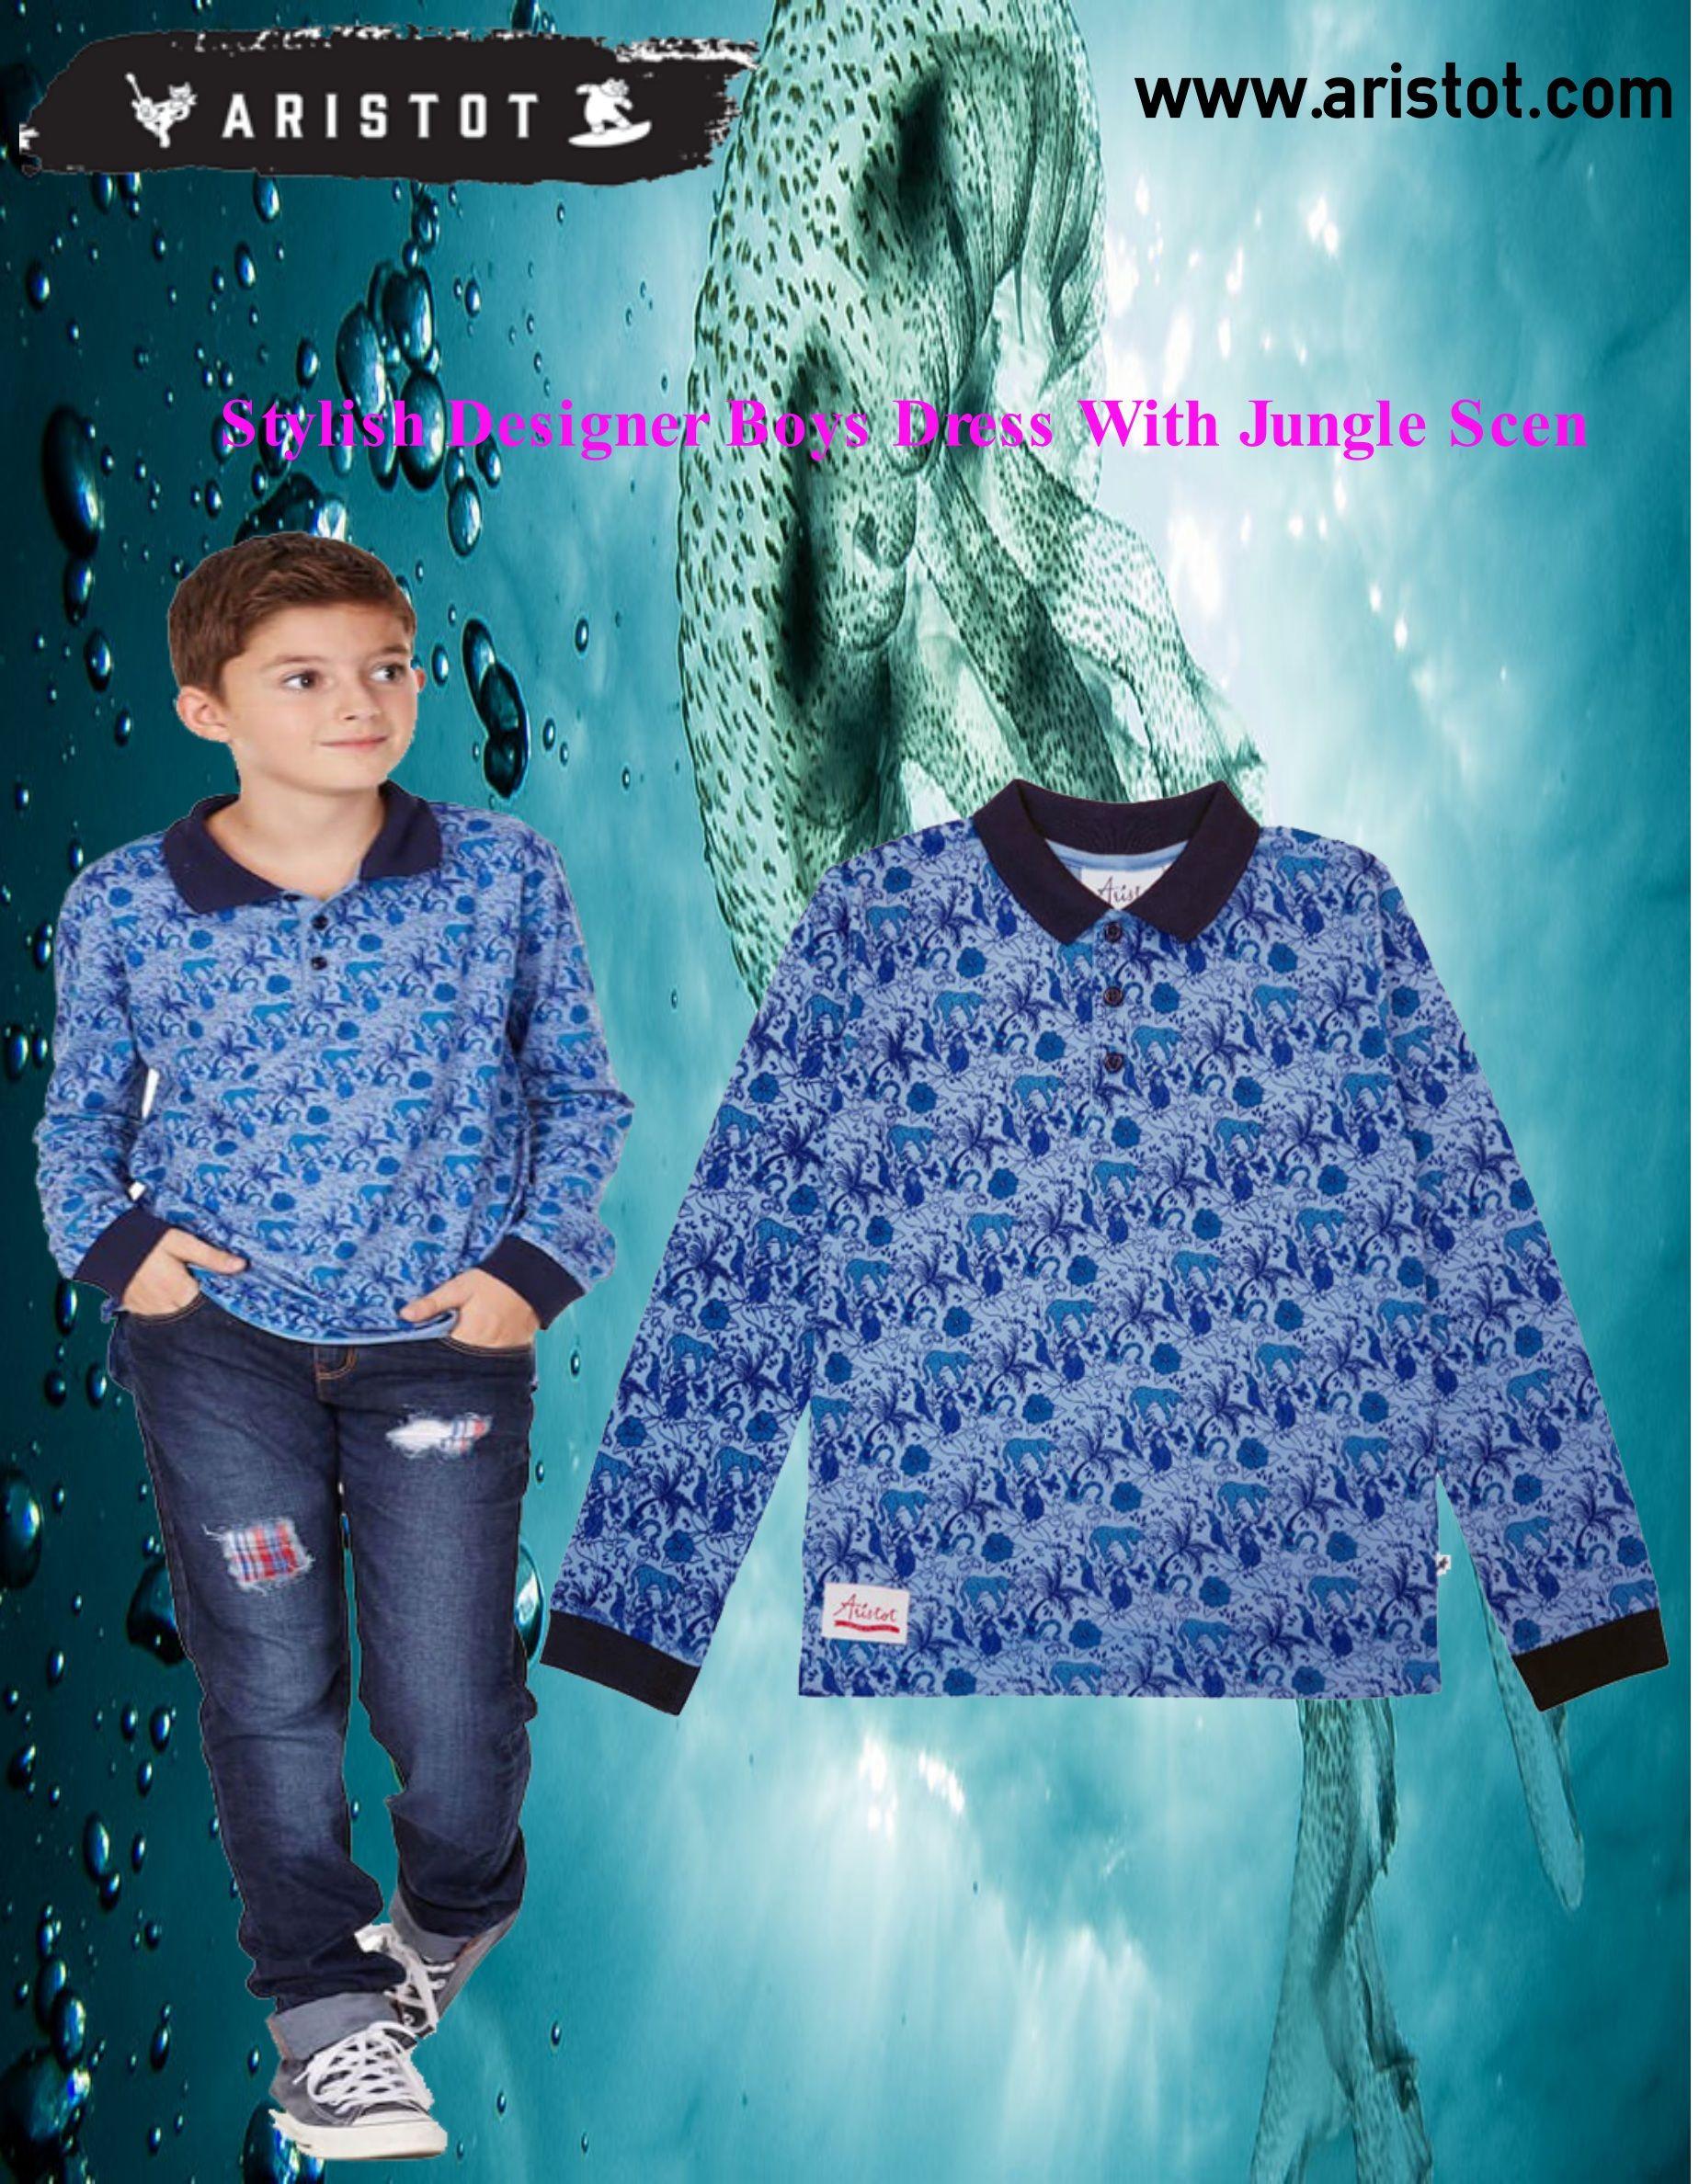 Aristot online shopping store for kids Wear We offer best designer